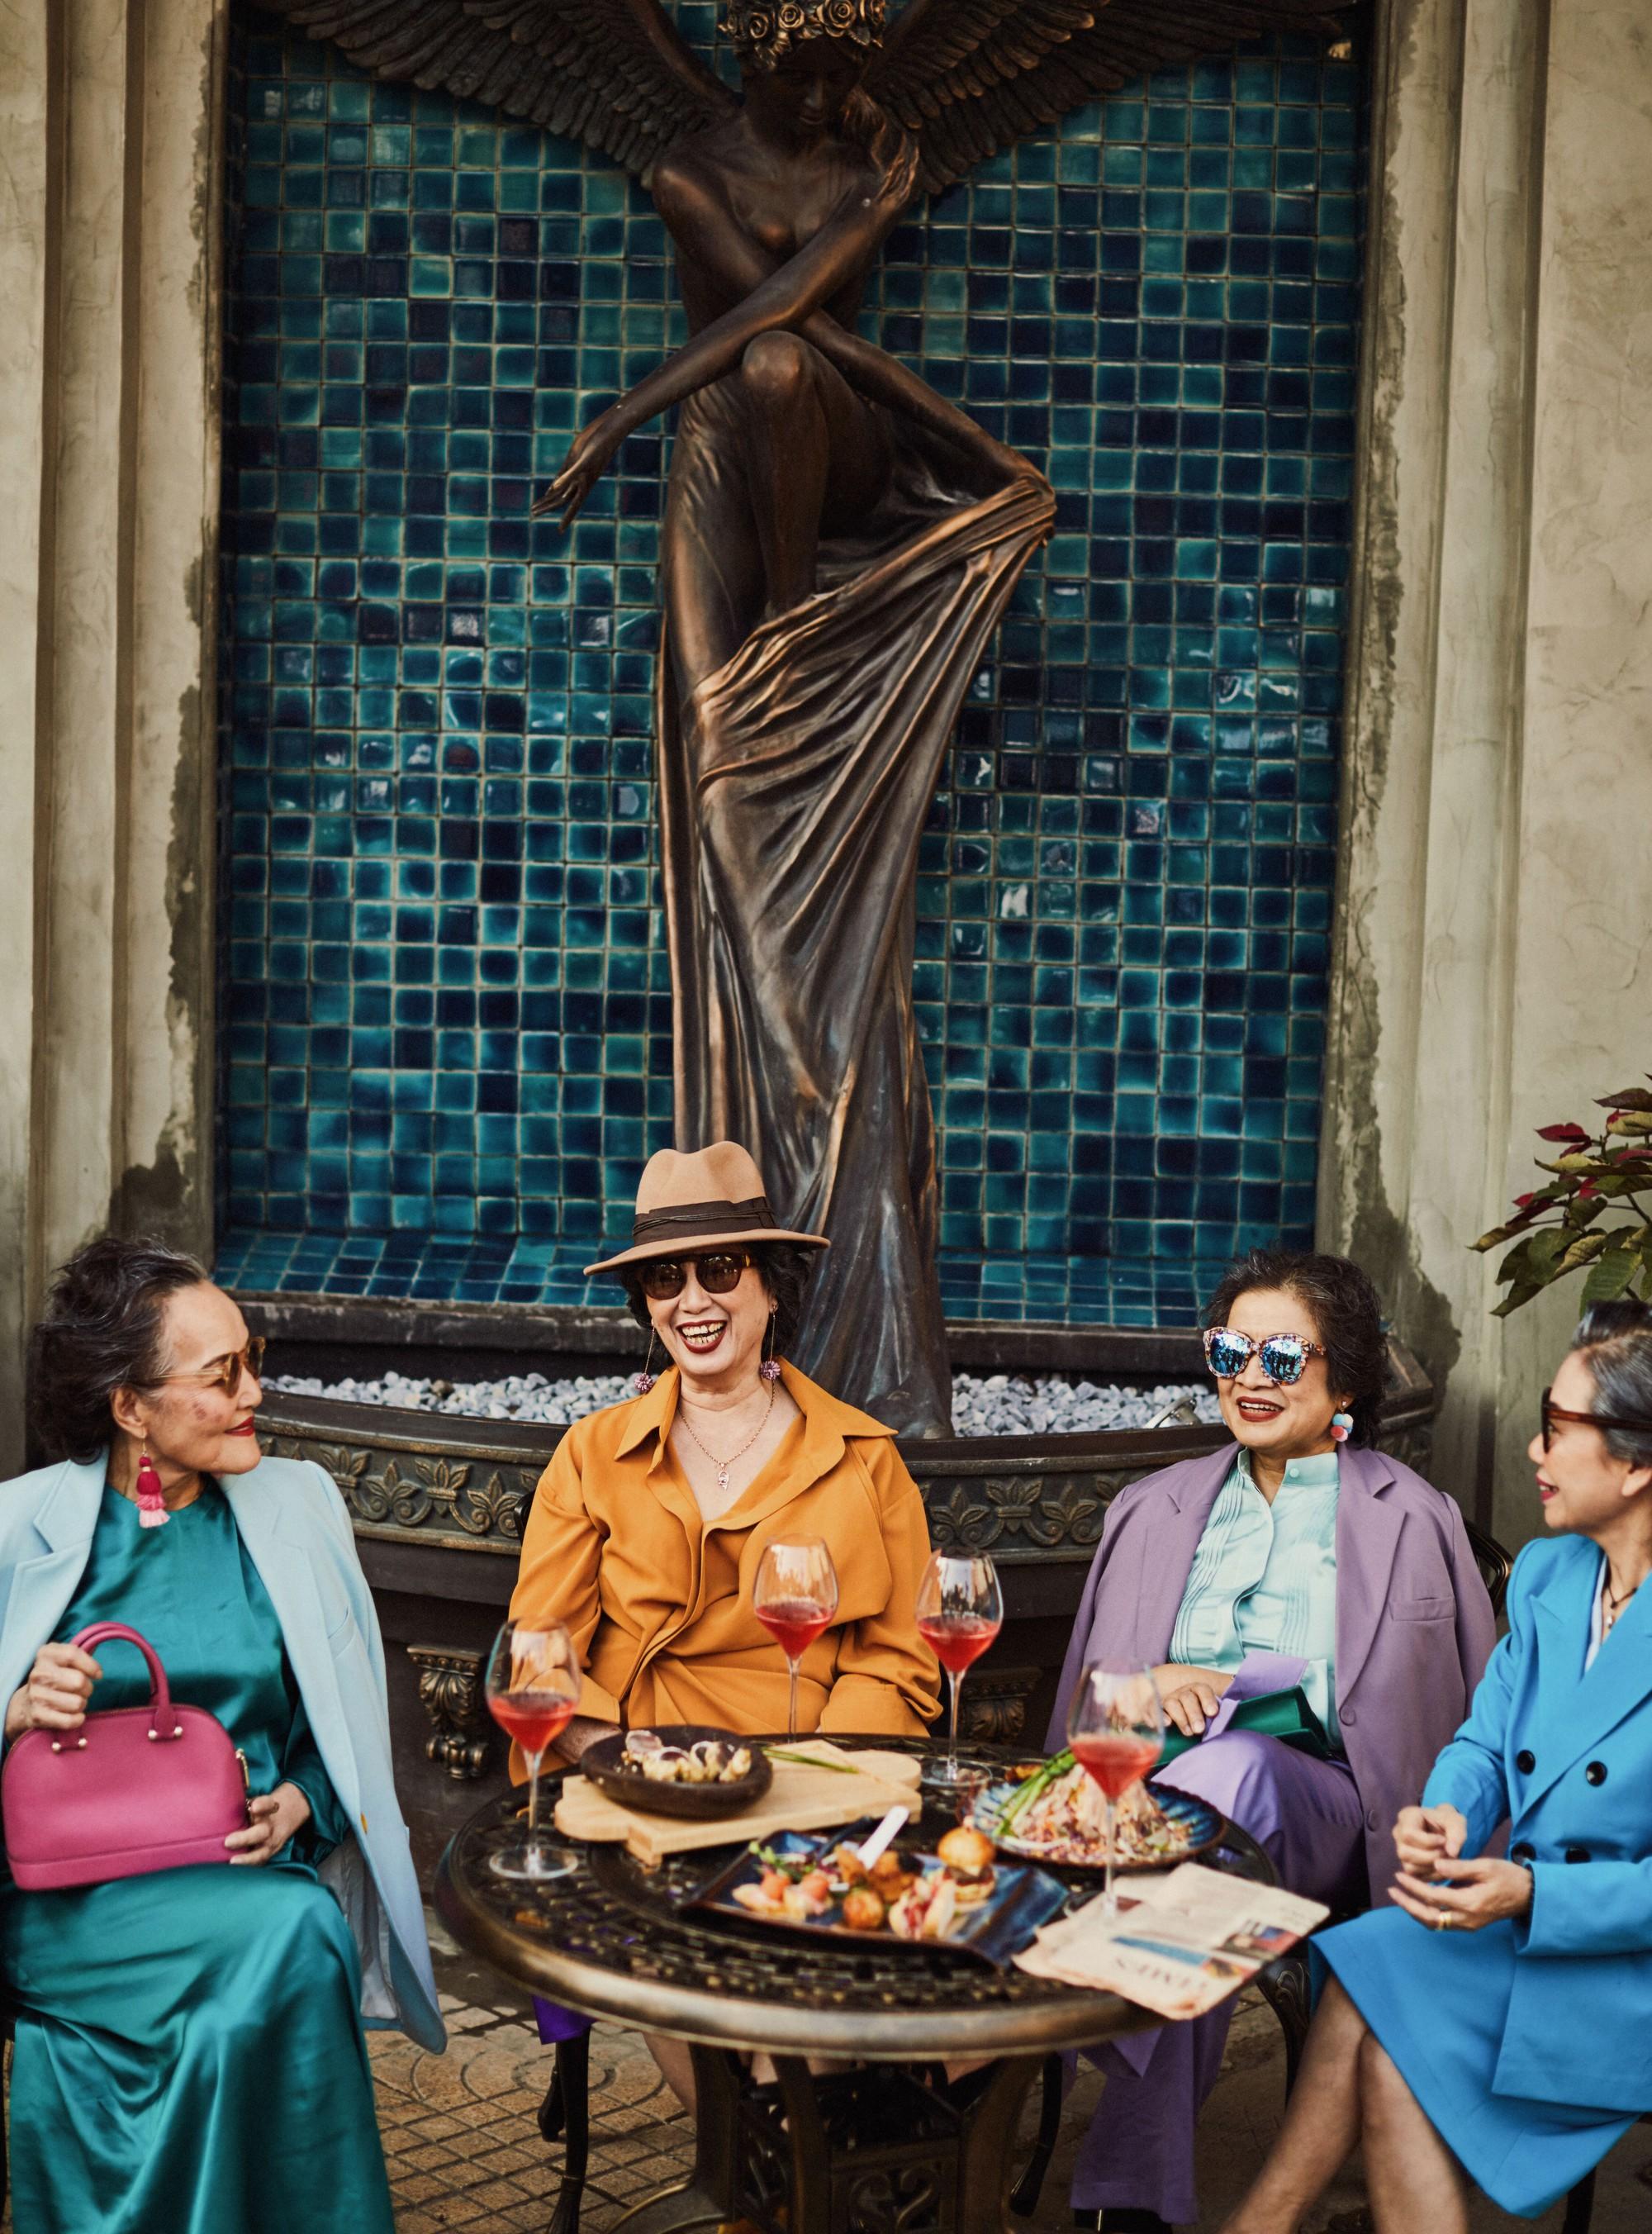 Bộ ảnh 4 người bạn thân khi về già vẫn xinh đẹp lộng lẫy, hạnh phúc bên nhau khiến bao chị em ghen tị ngày 8/3 3